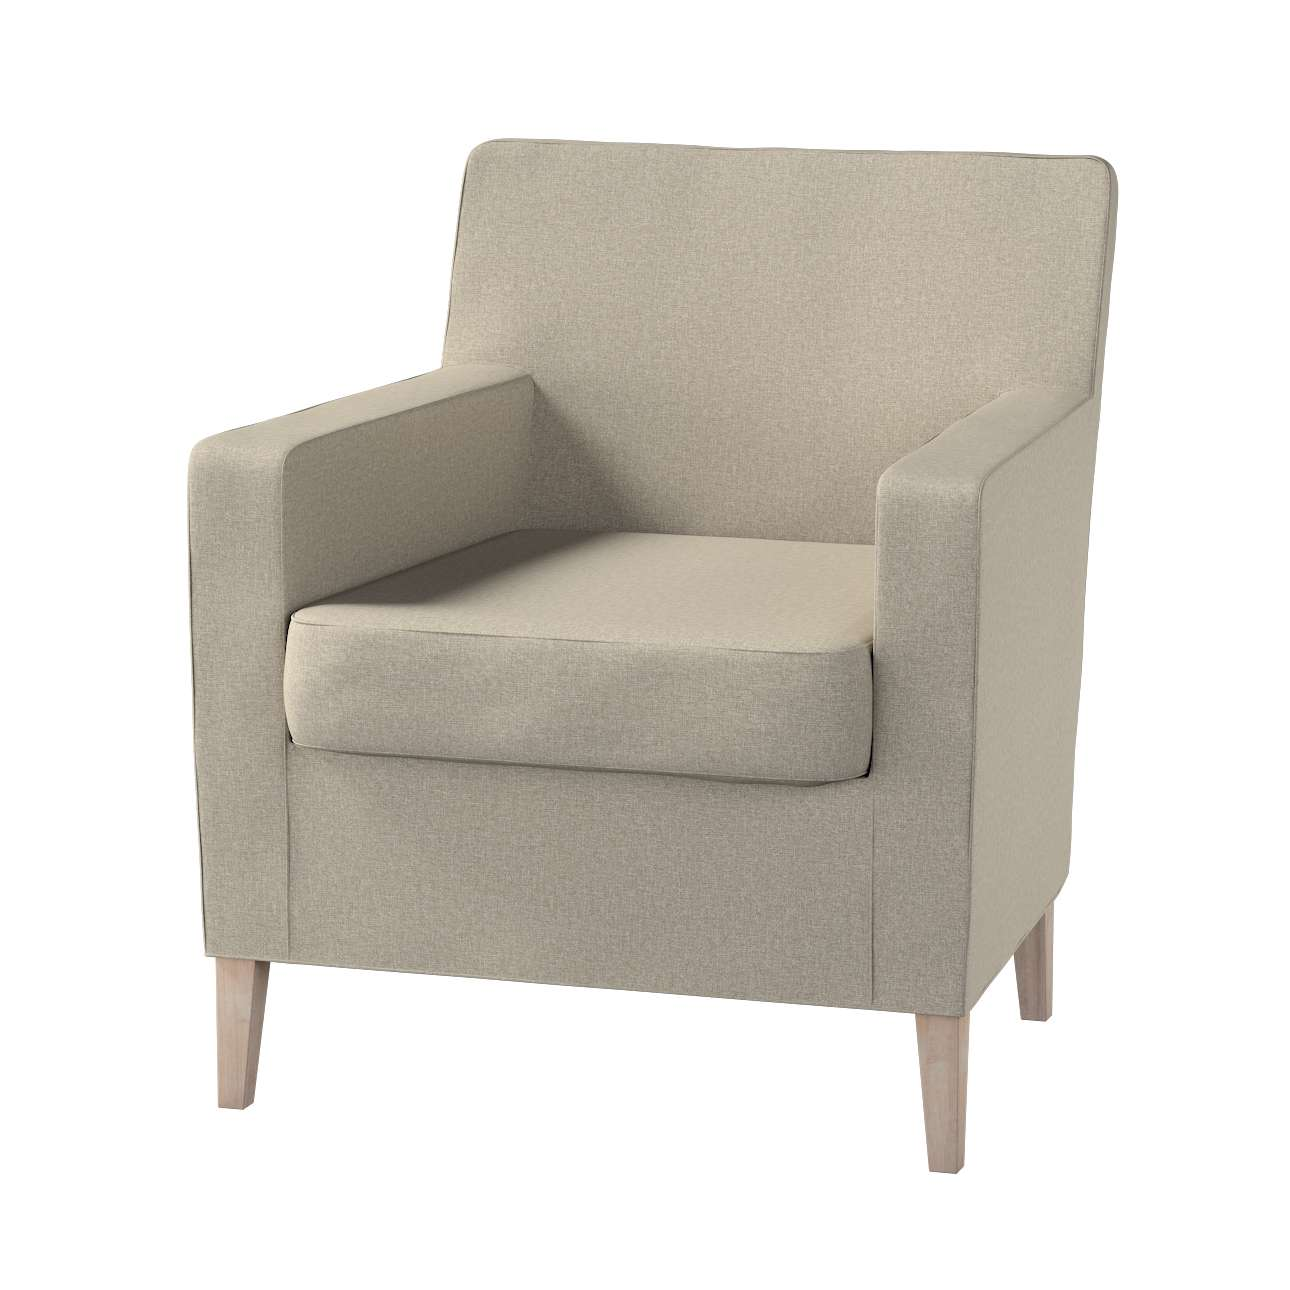 Pokrowiec na fotel Karlstad w kolekcji Amsterdam, tkanina: 704-52